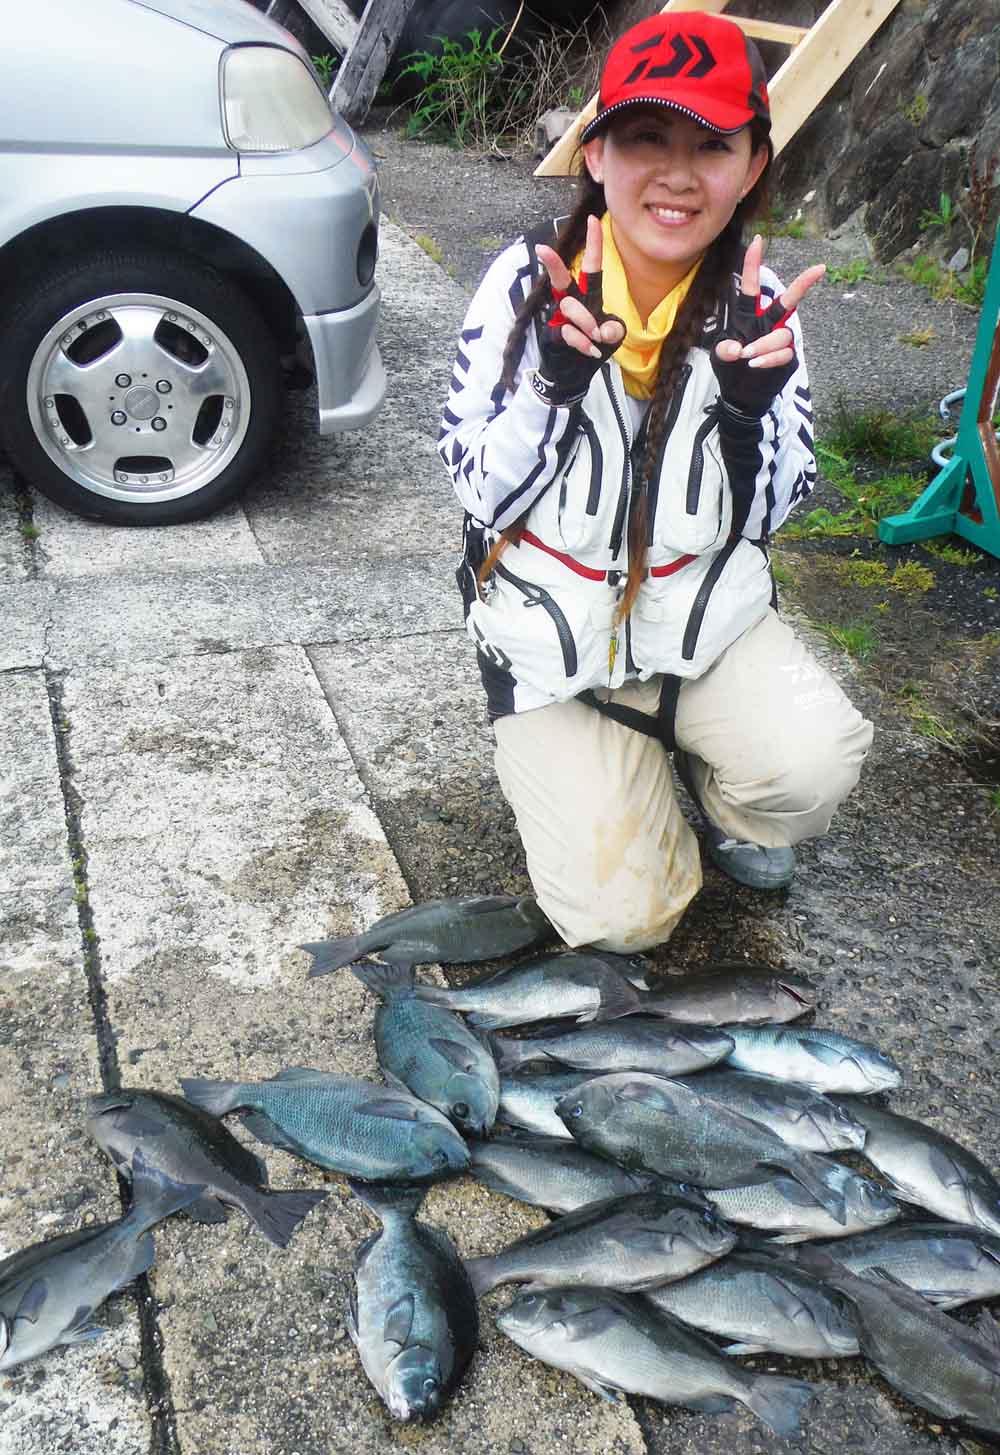 ゆかぼんの釣りに夢中 南紀・袋7